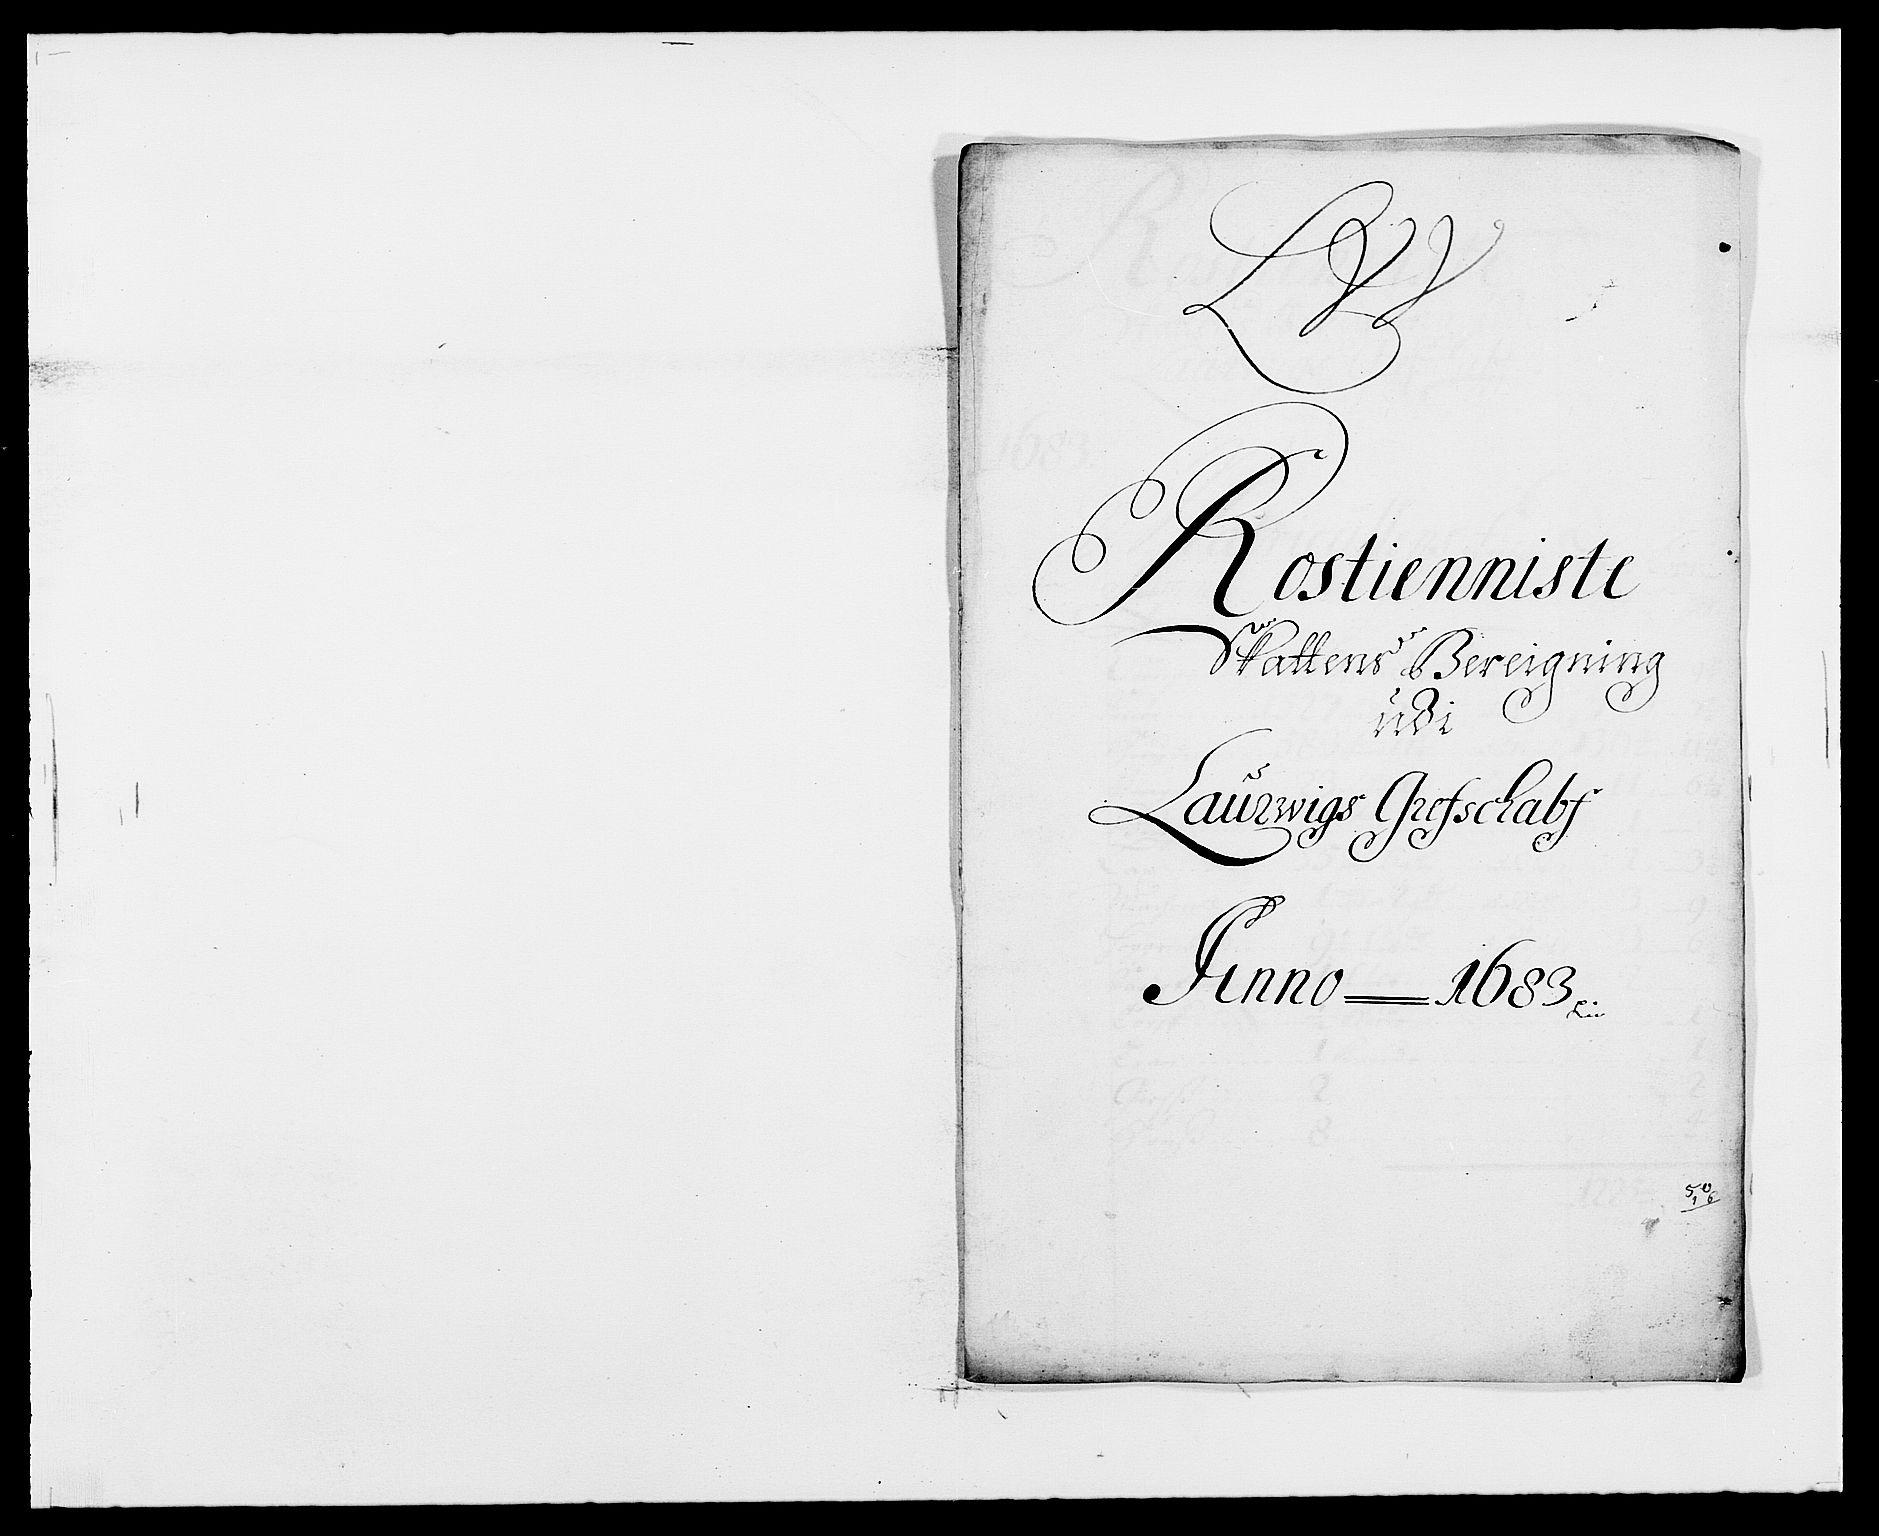 RA, Rentekammeret inntil 1814, Reviderte regnskaper, Fogderegnskap, R33/L1969: Fogderegnskap Larvik grevskap, 1675-1687, s. 316